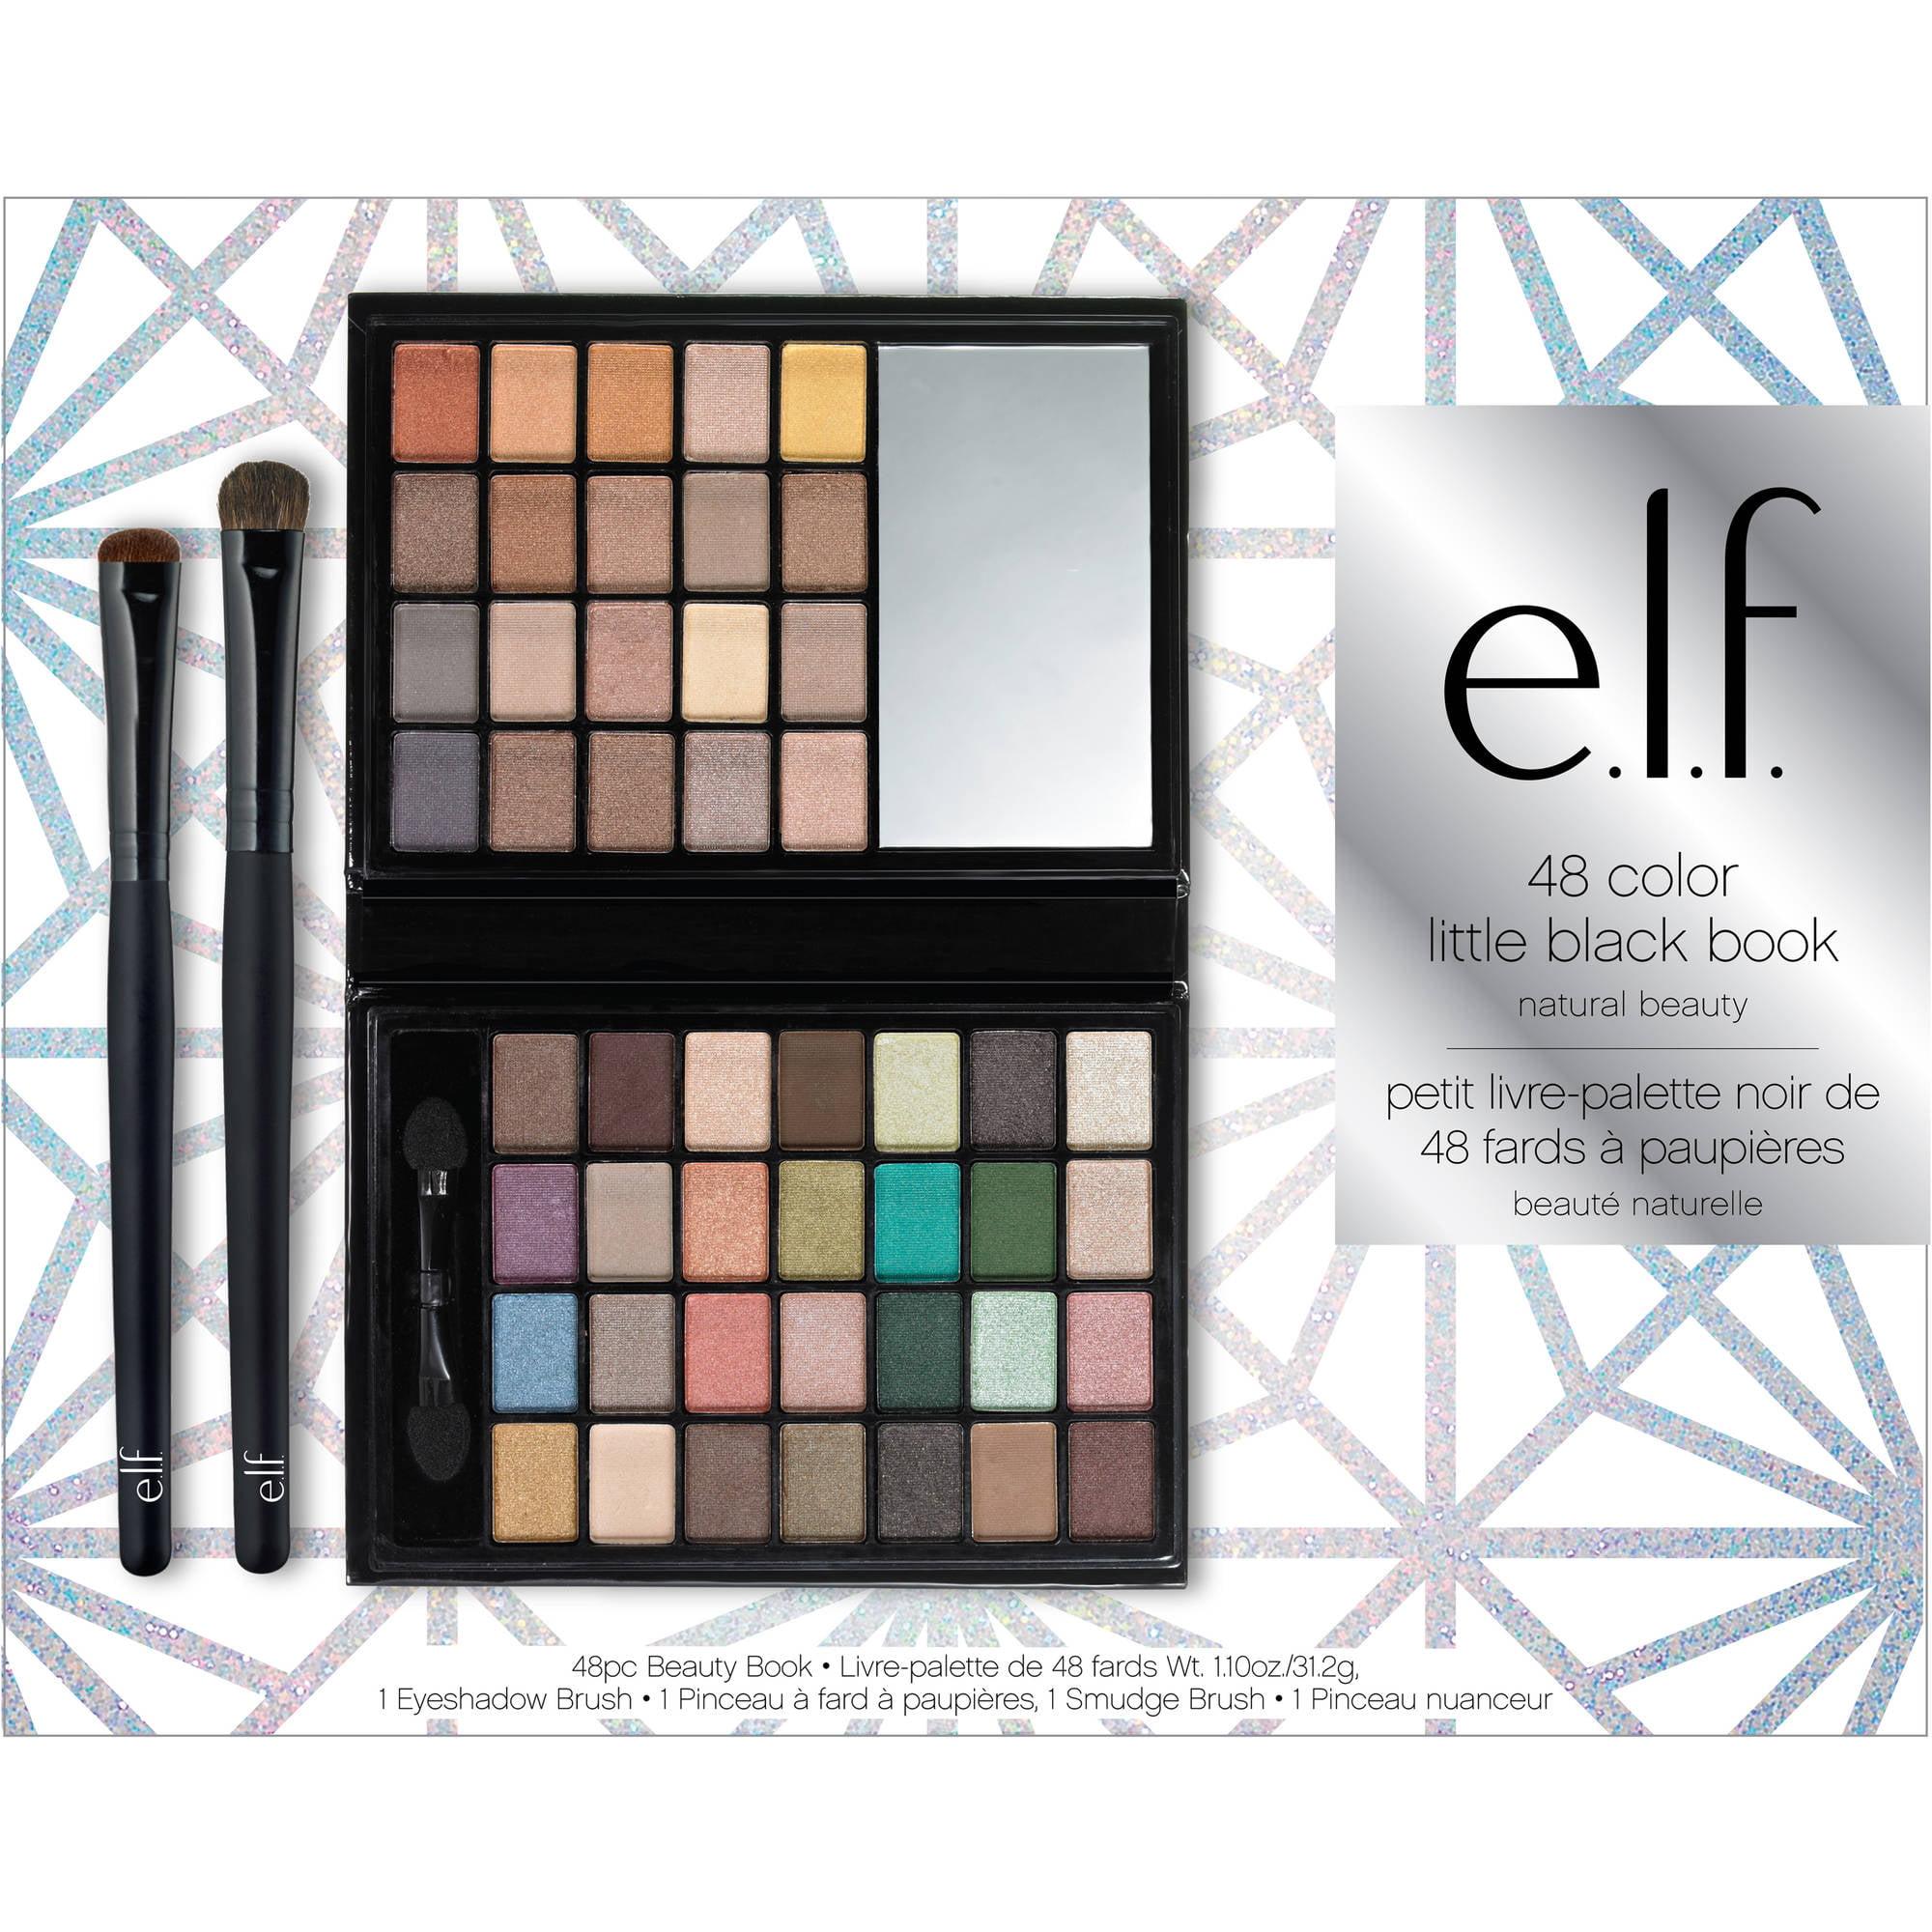 elf makeup brushes walmart. e.l.f. cosmetics little black book natural beauty set, 50 pc - walmart.com elf makeup brushes walmart